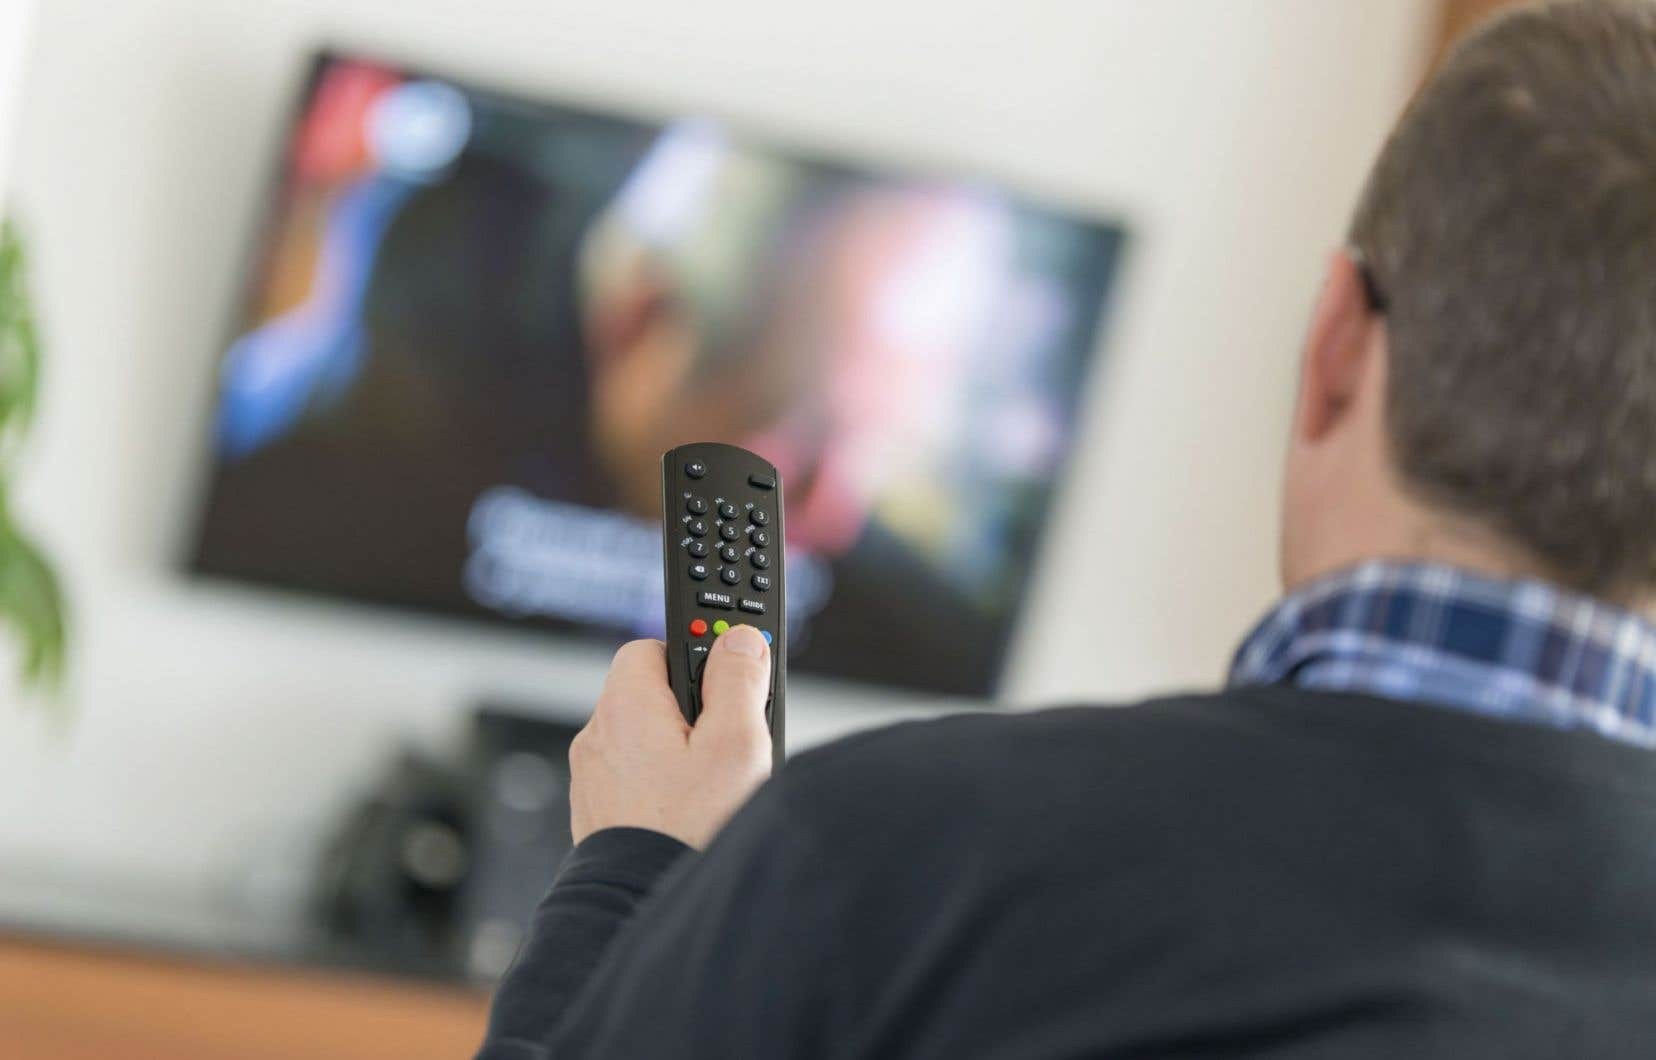 Les petits forfaits offerts aux clients des fournisseurs de services de télévision seront surveillés de près par le CRTC.